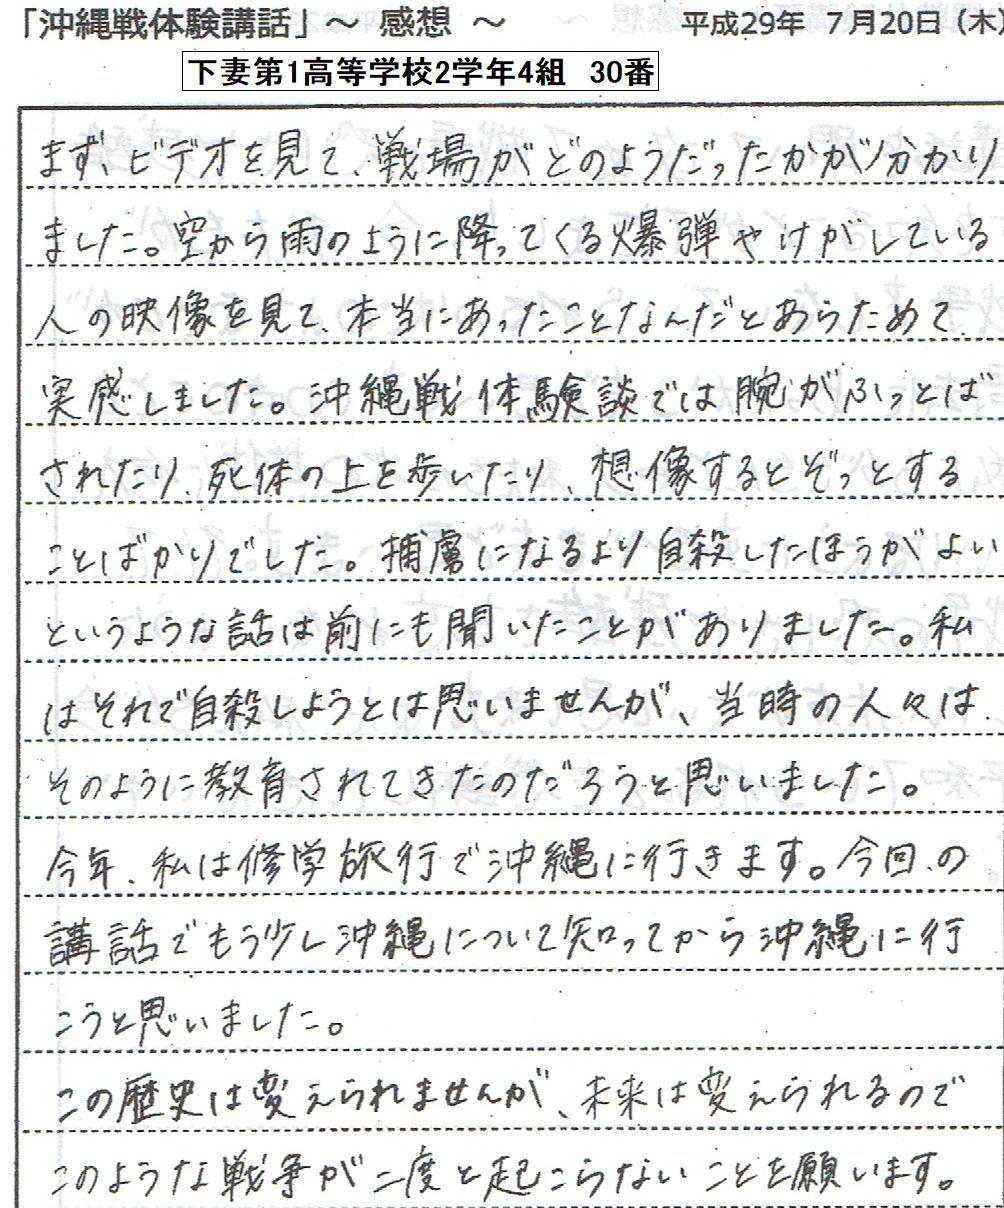 2017年9月24日茨城県立下妻第一高等学校「戦場体験談」講話感想文  その7_d0249595_13063920.jpg